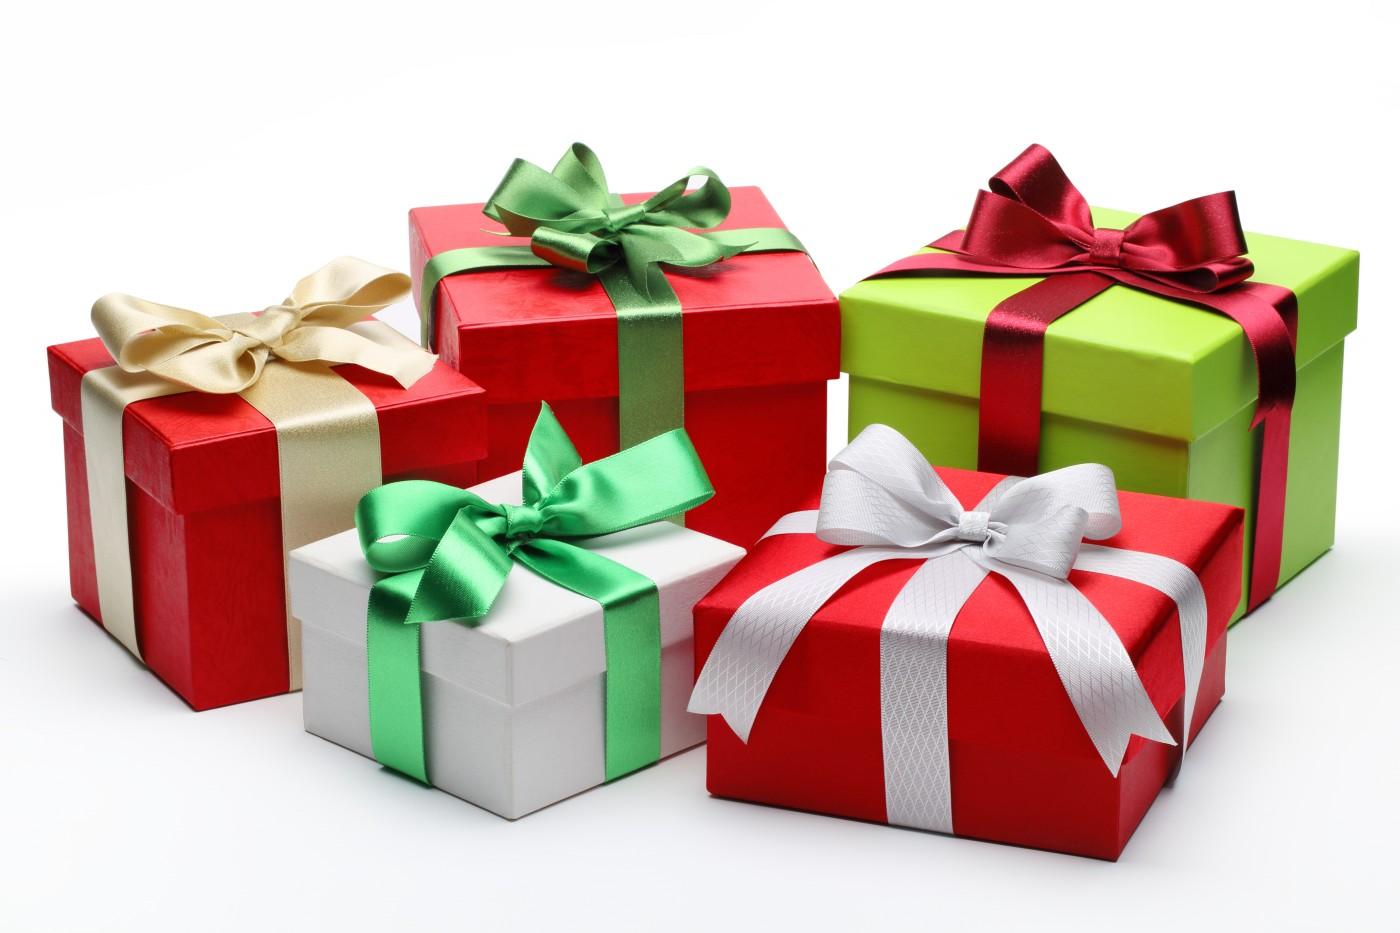 Сервис для желаемых подарков